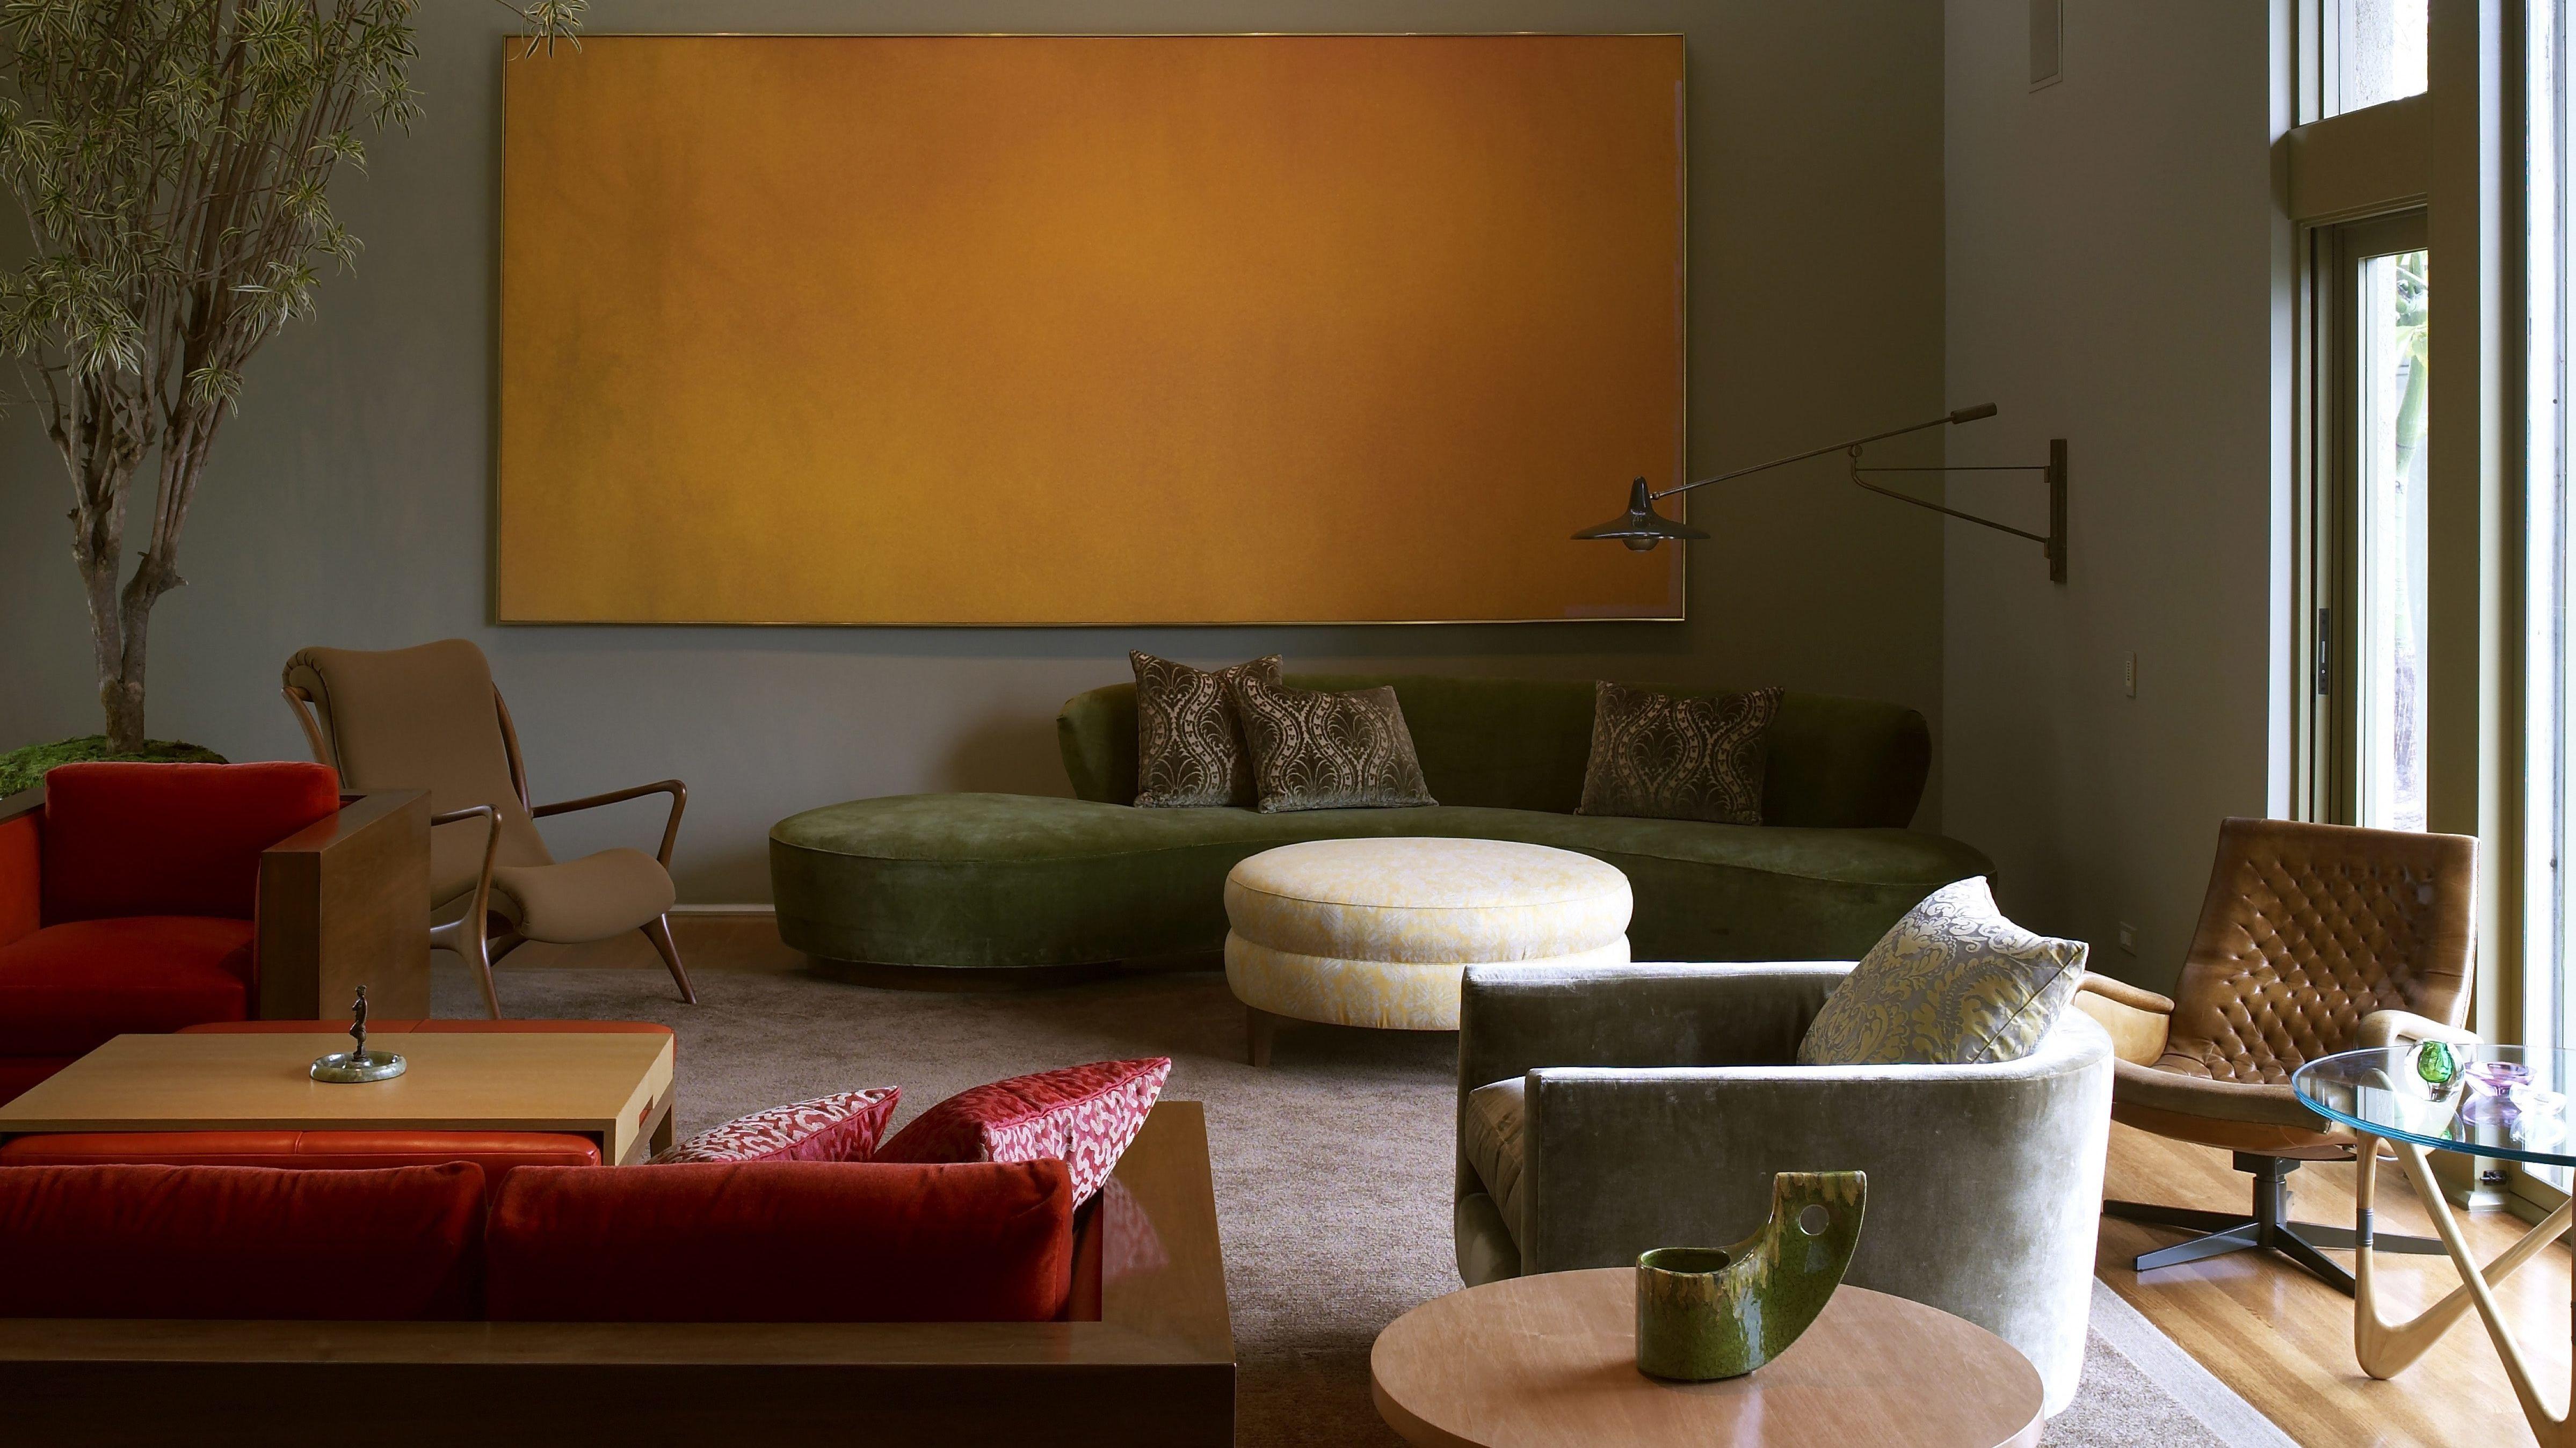 Sehnsucht nach Altem: Vintage-Möbel erobern die Wohnungen